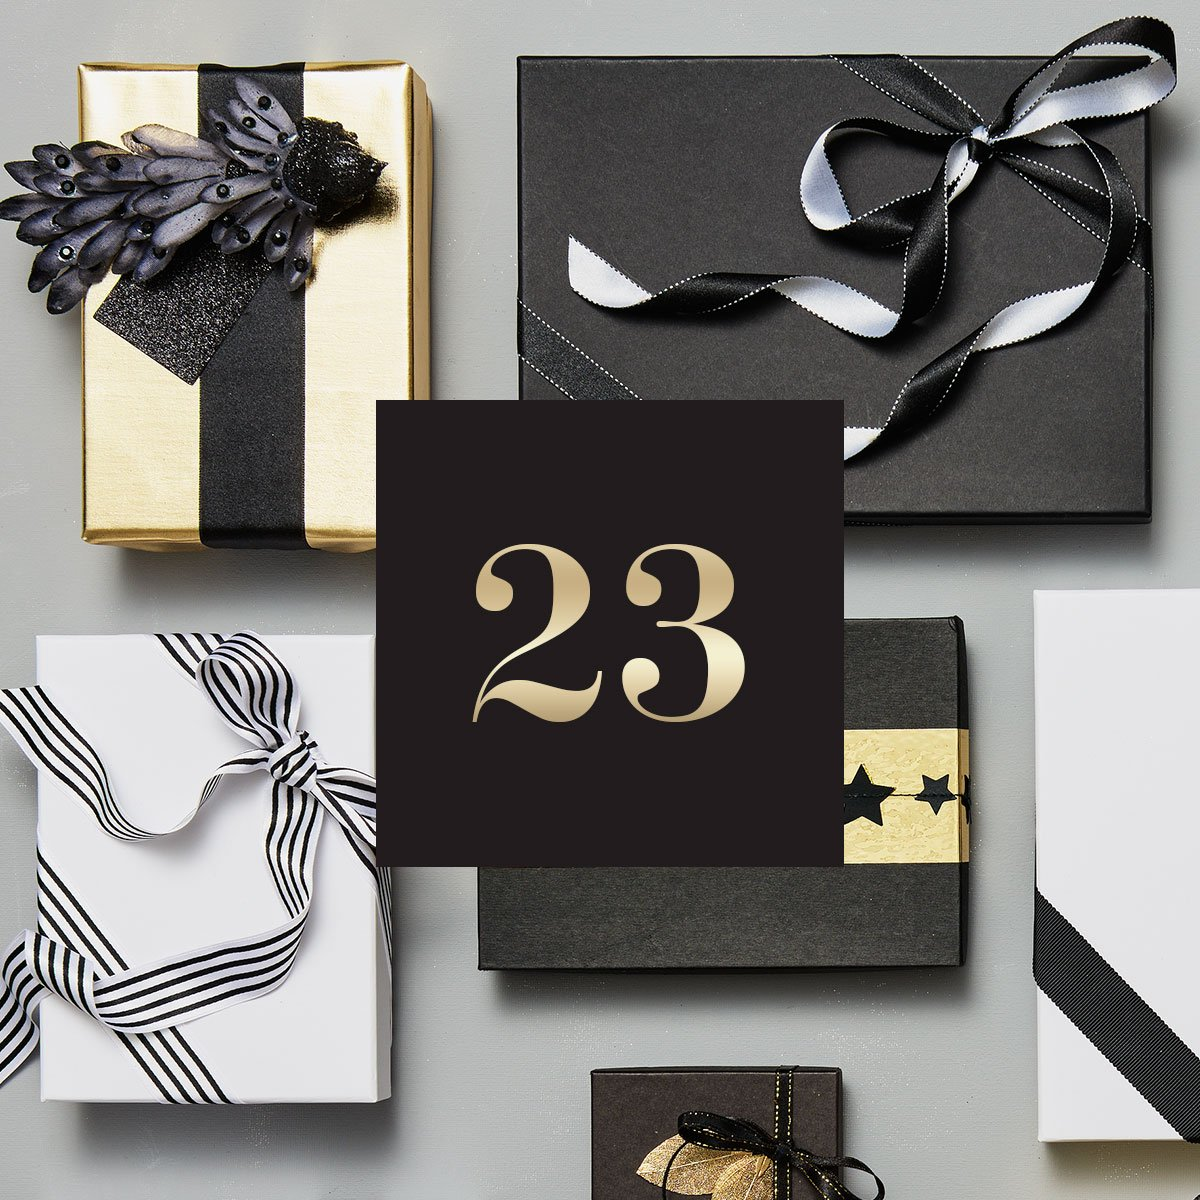 🔔 H&M CLUB Julekalender - 23. december 🔔 Dagen før dagen… Se hvad der gemmer sig i julekalenderens næstsidste låge i din H&M-app. Tilbuddet gælder i vores butikker i dag 👖 https://t.co/XZYT9aFbK1